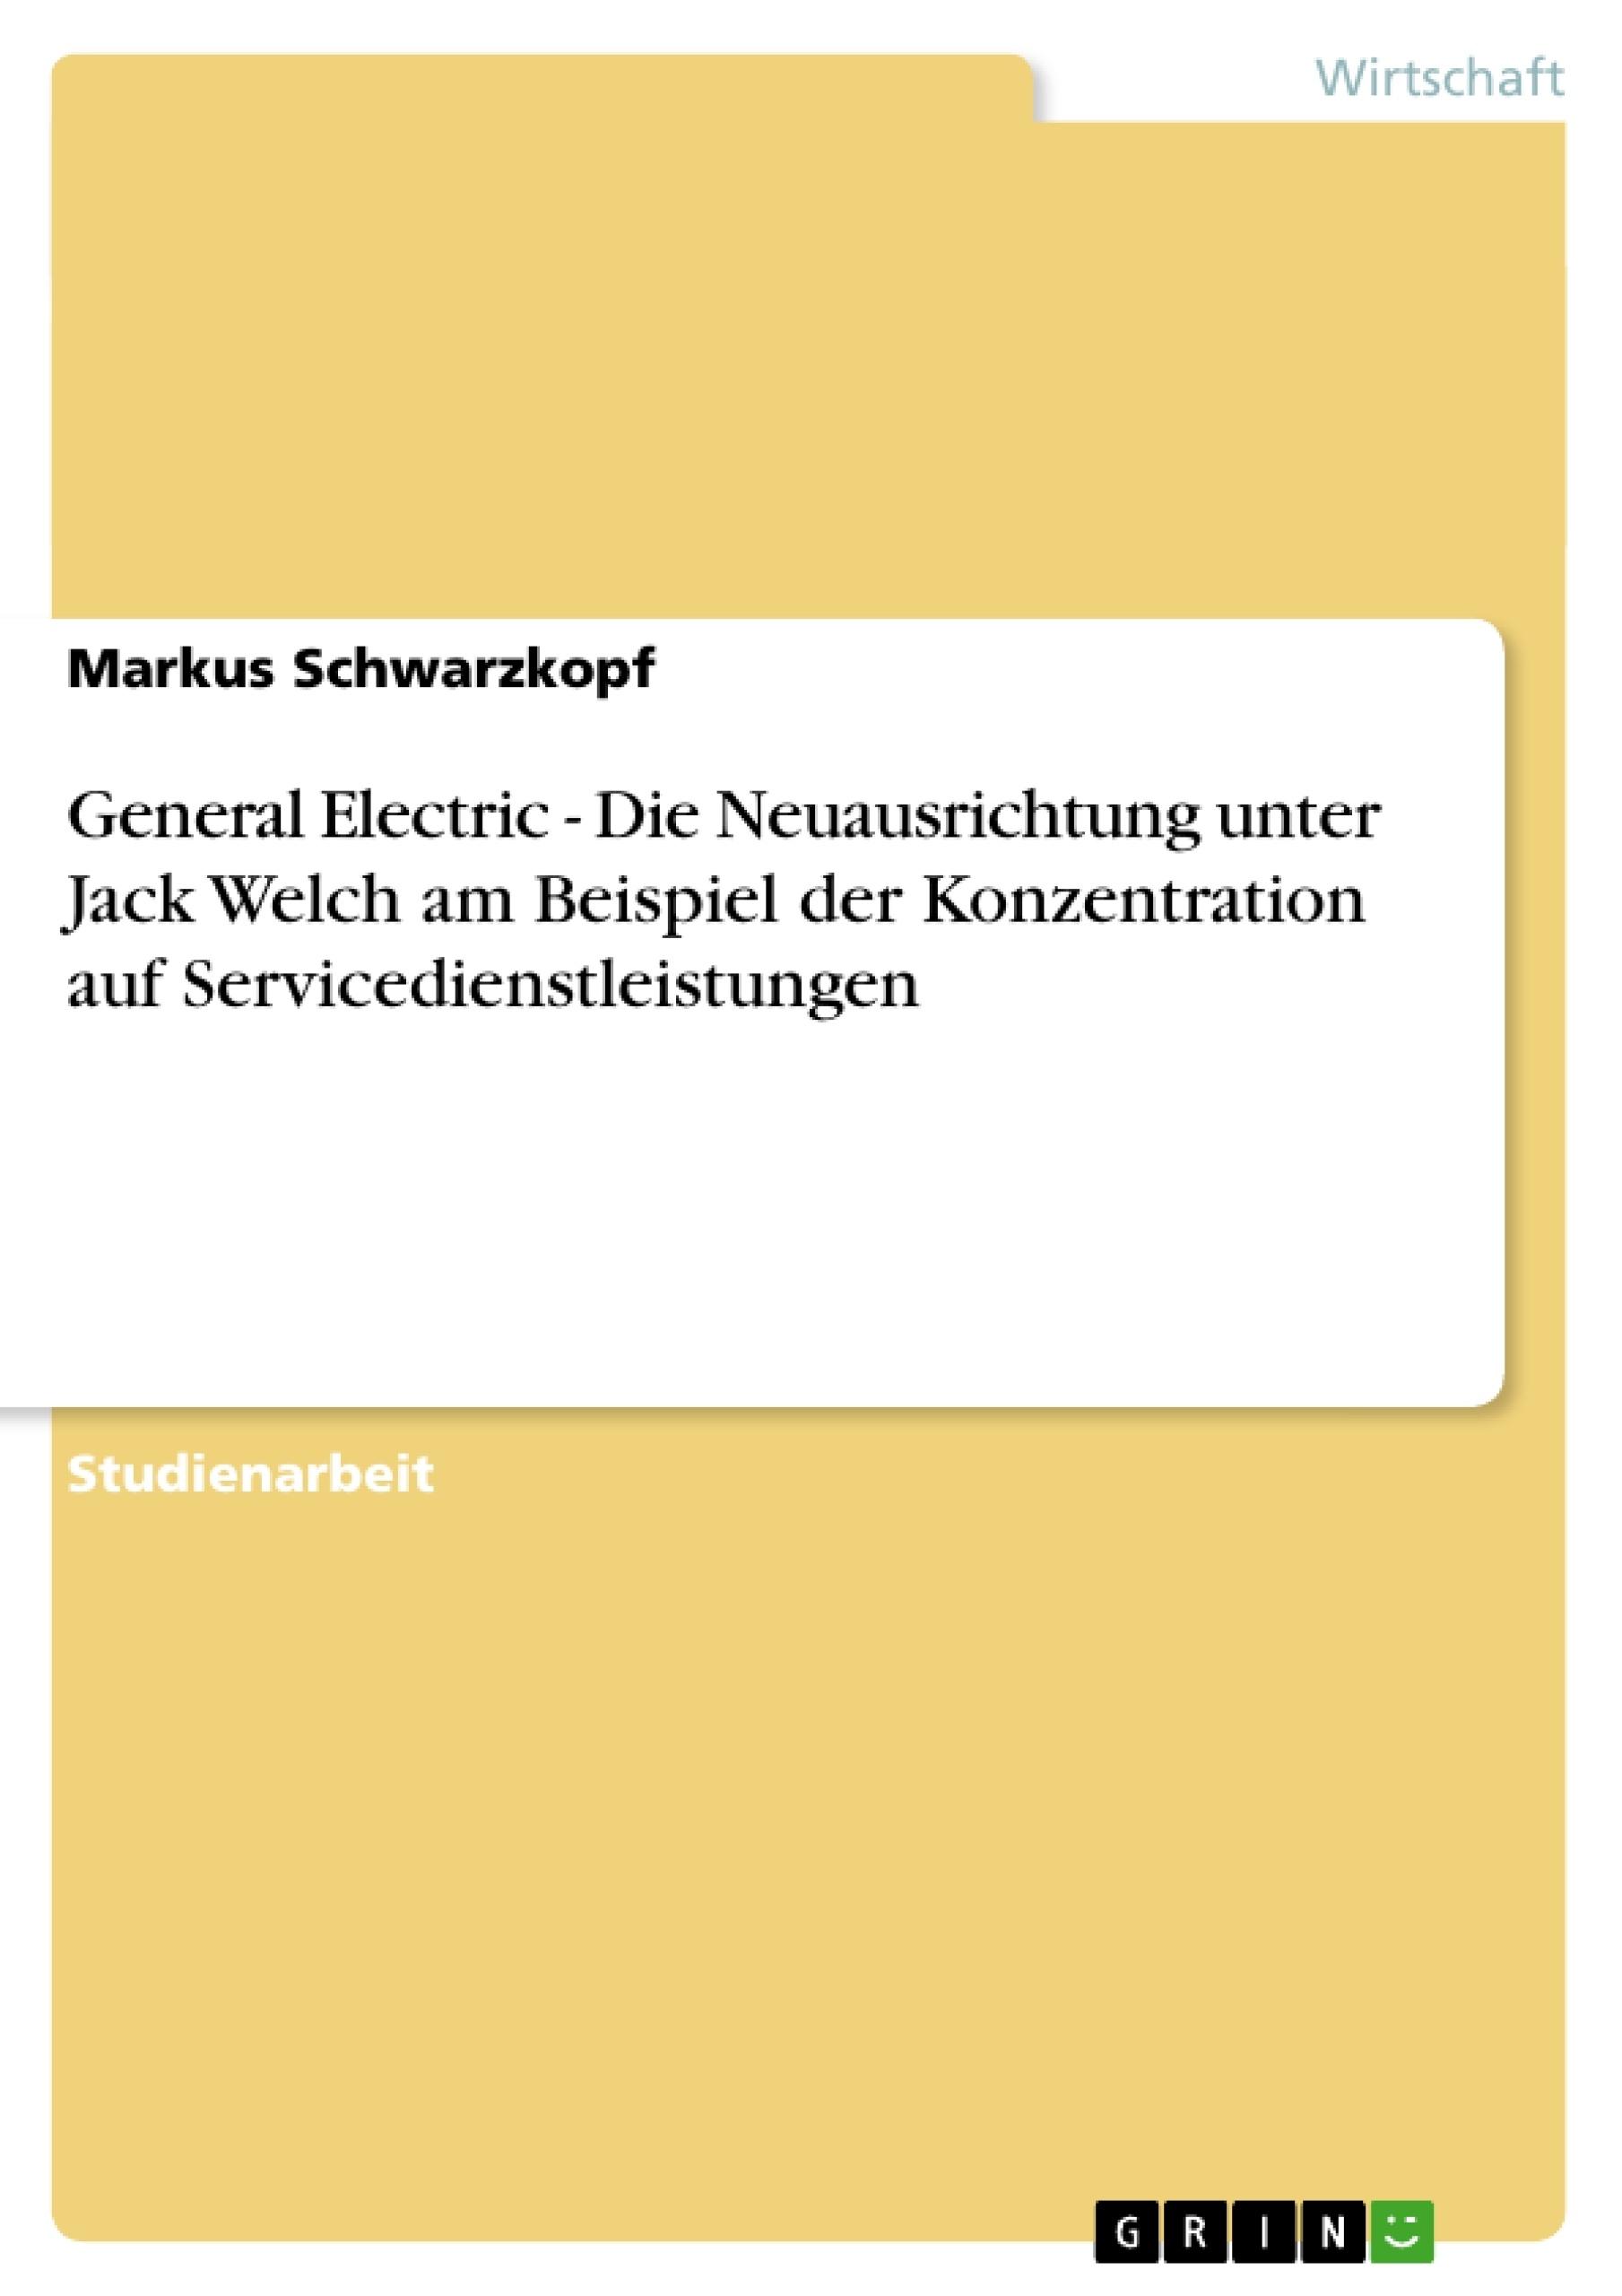 Titel: General Electric - Die Neuausrichtung unter Jack Welch am Beispiel der Konzentration auf Servicedienstleistungen